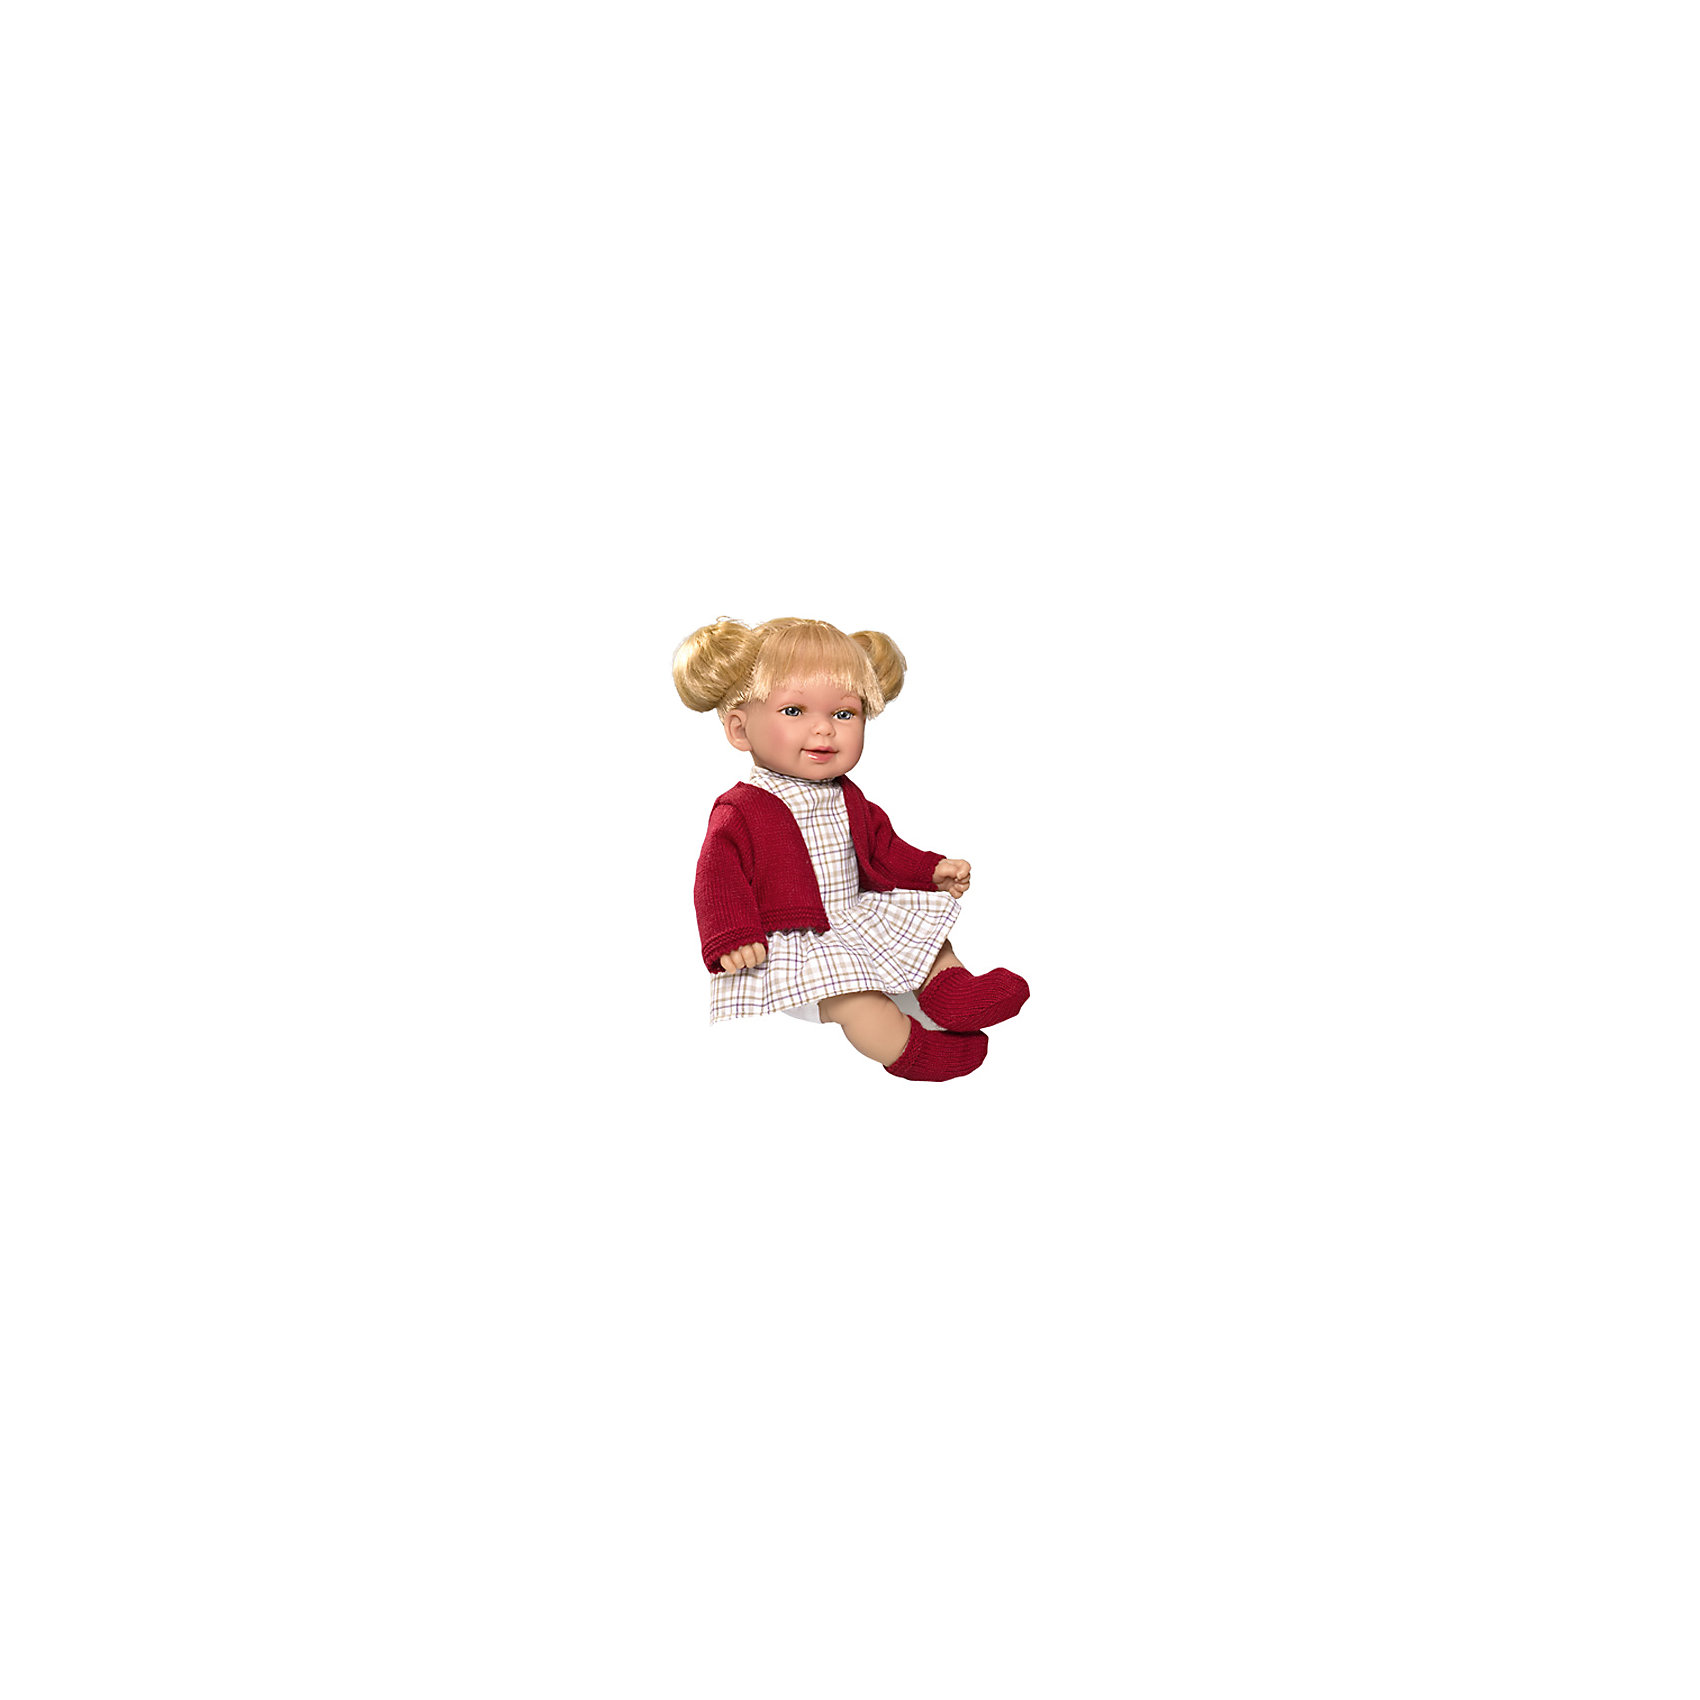 Кукла Vestida de Azul Кина, блондинка с хвостиками, ОсеньКлассические куклы<br><br><br>Ширина мм: 380<br>Глубина мм: 120<br>Высота мм: 240<br>Вес г: 650<br>Возраст от месяцев: 72<br>Возраст до месяцев: 2147483647<br>Пол: Женский<br>Возраст: Детский<br>SKU: 7073753